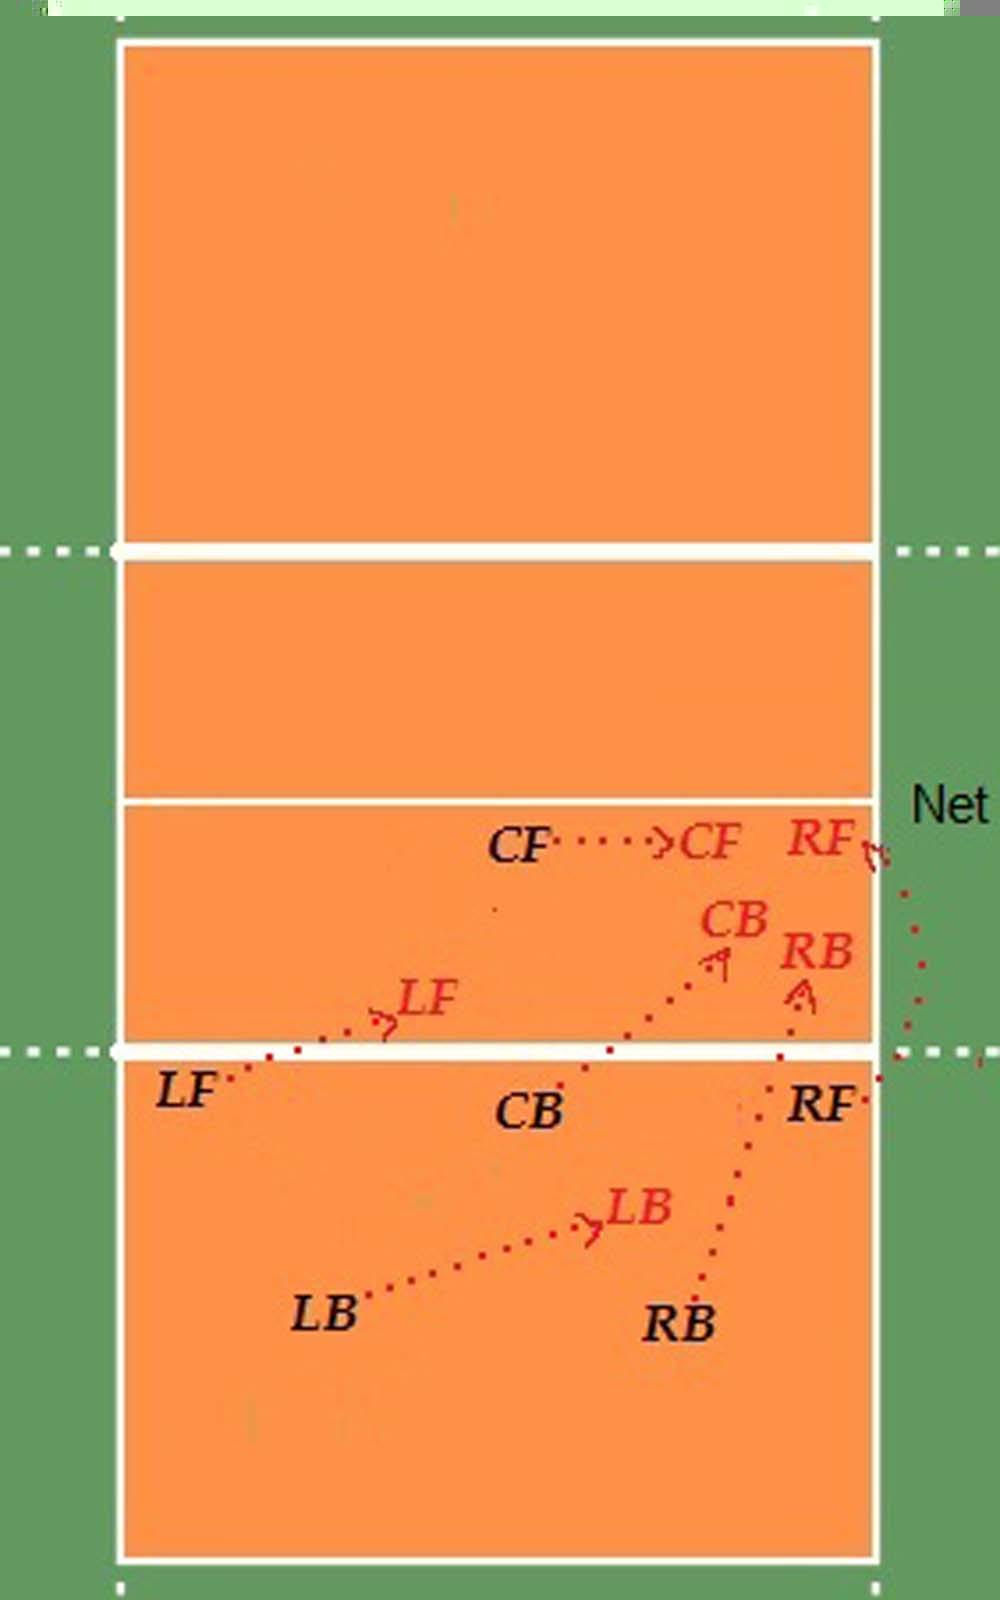 Formasi Dalam Permainan Bola Voli : formasi, dalam, permainan, Voli:, PENYERANGAN, SEDERHANA, Menyerang, Dengan, Pemain, Deret, Depan